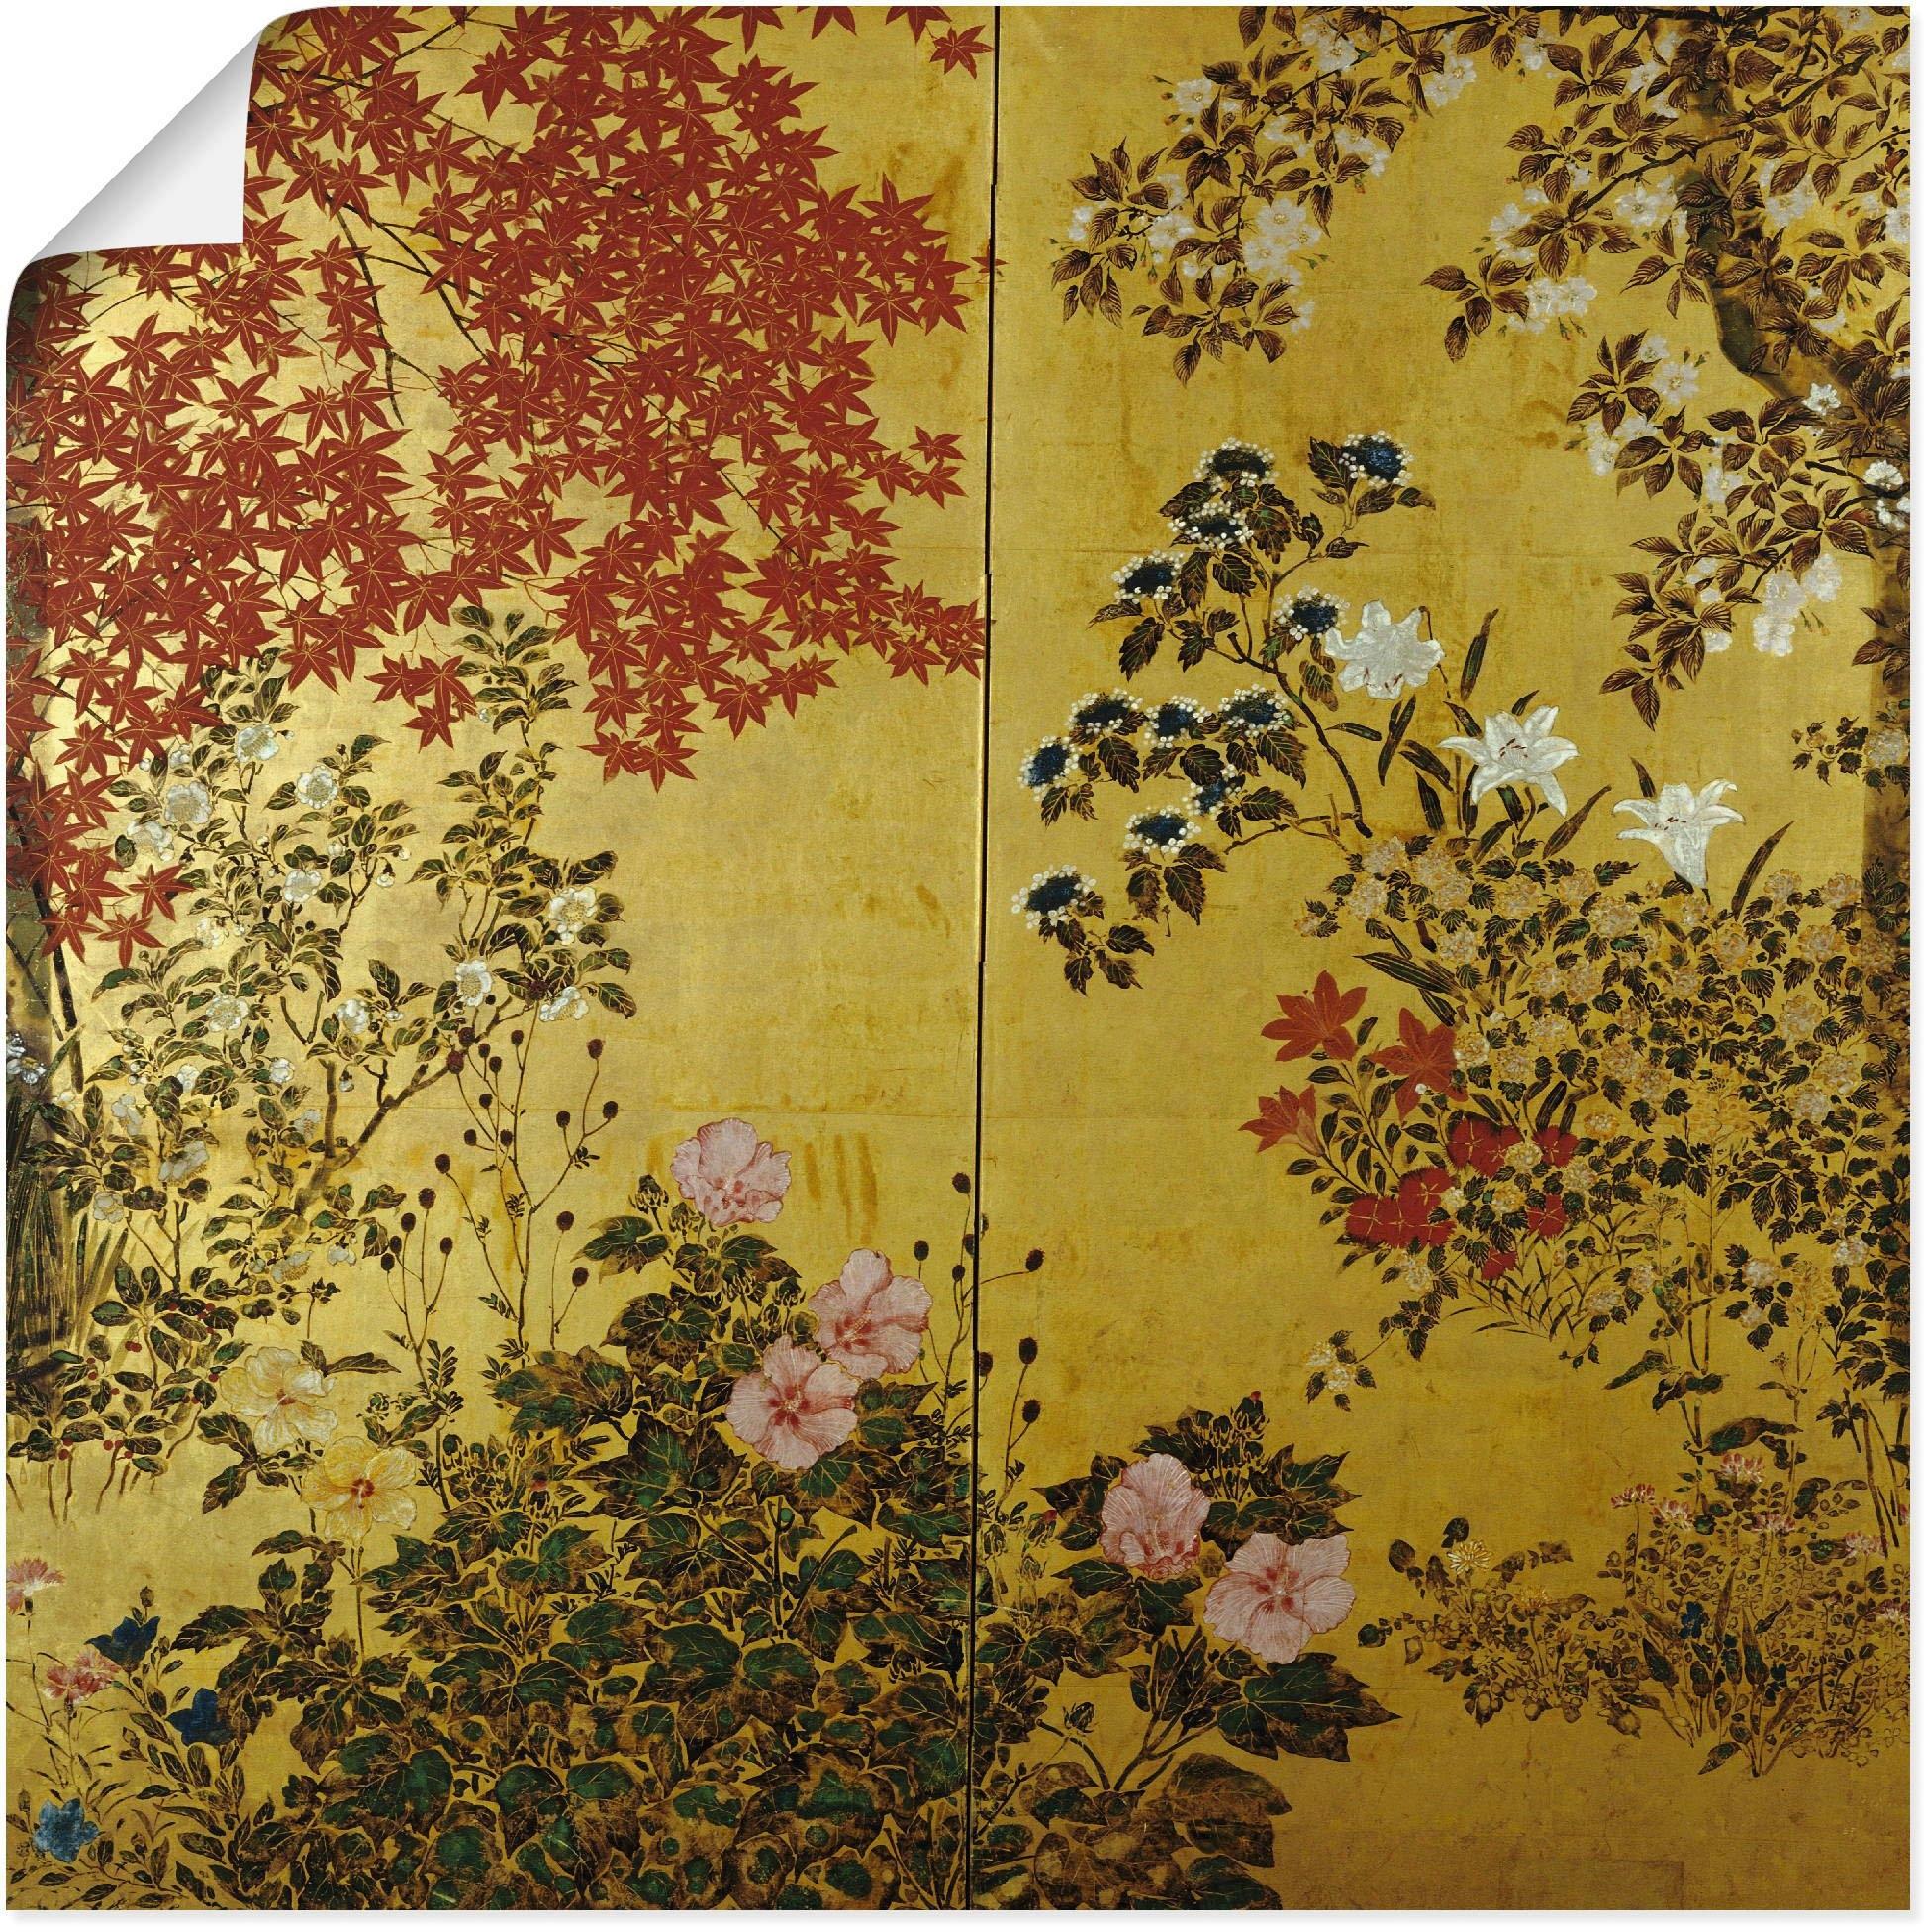 Artland Artprint Japans scherm 18e eeuw in vele afmetingen & productsoorten -artprint op linnen, poster, muursticker / wandfolie ook geschikt voor de badkamer (1 stuk) - gratis ruilen op otto.nl